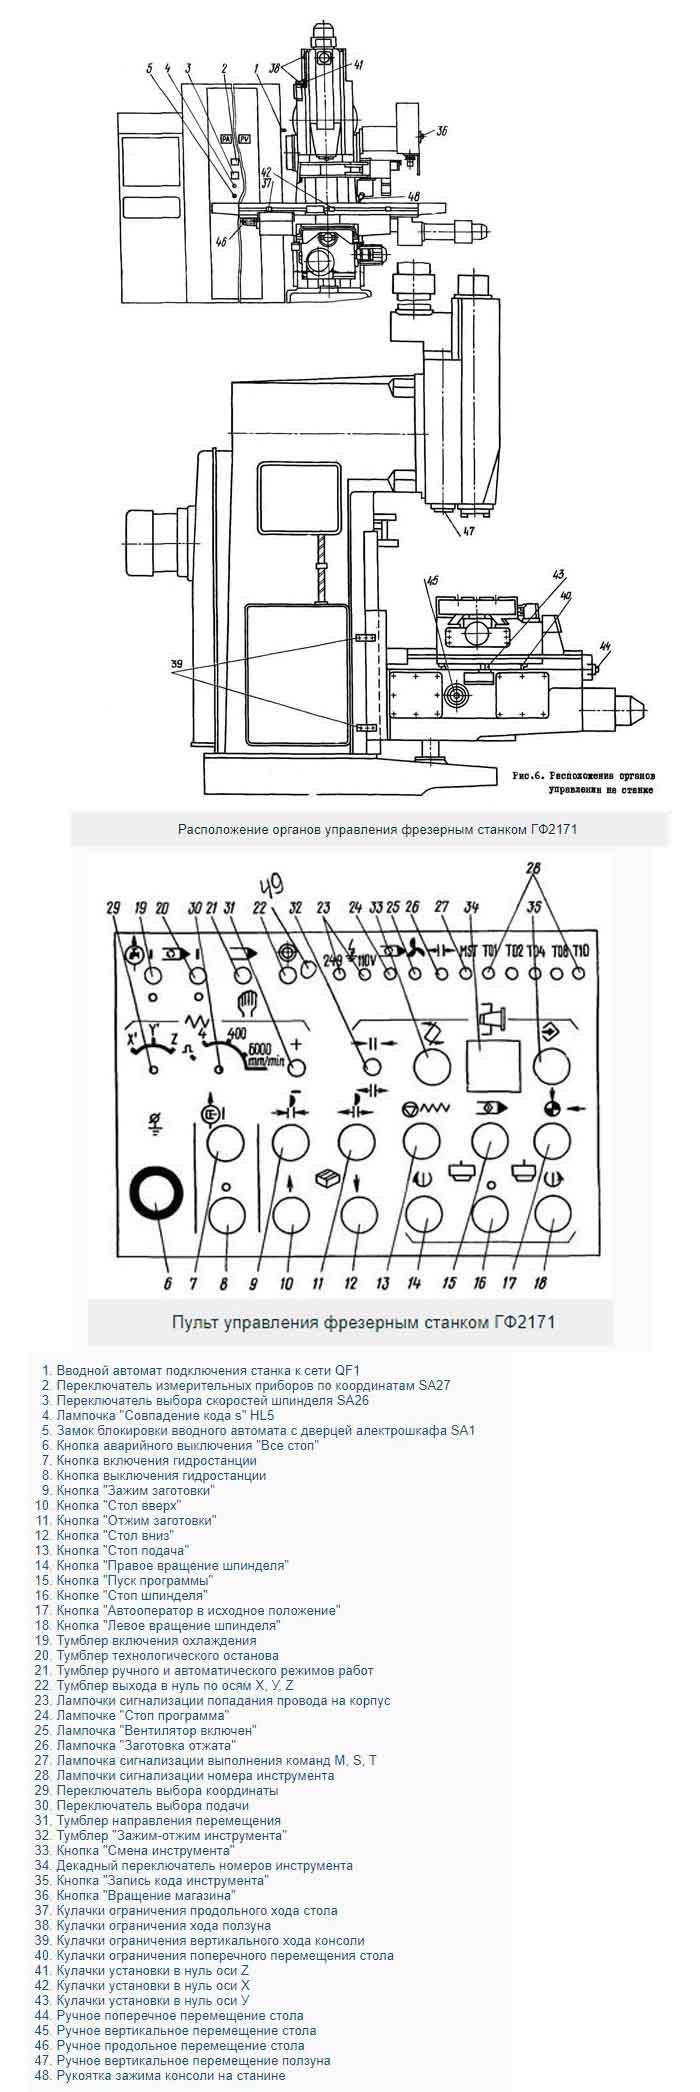 gf2171-org-upr